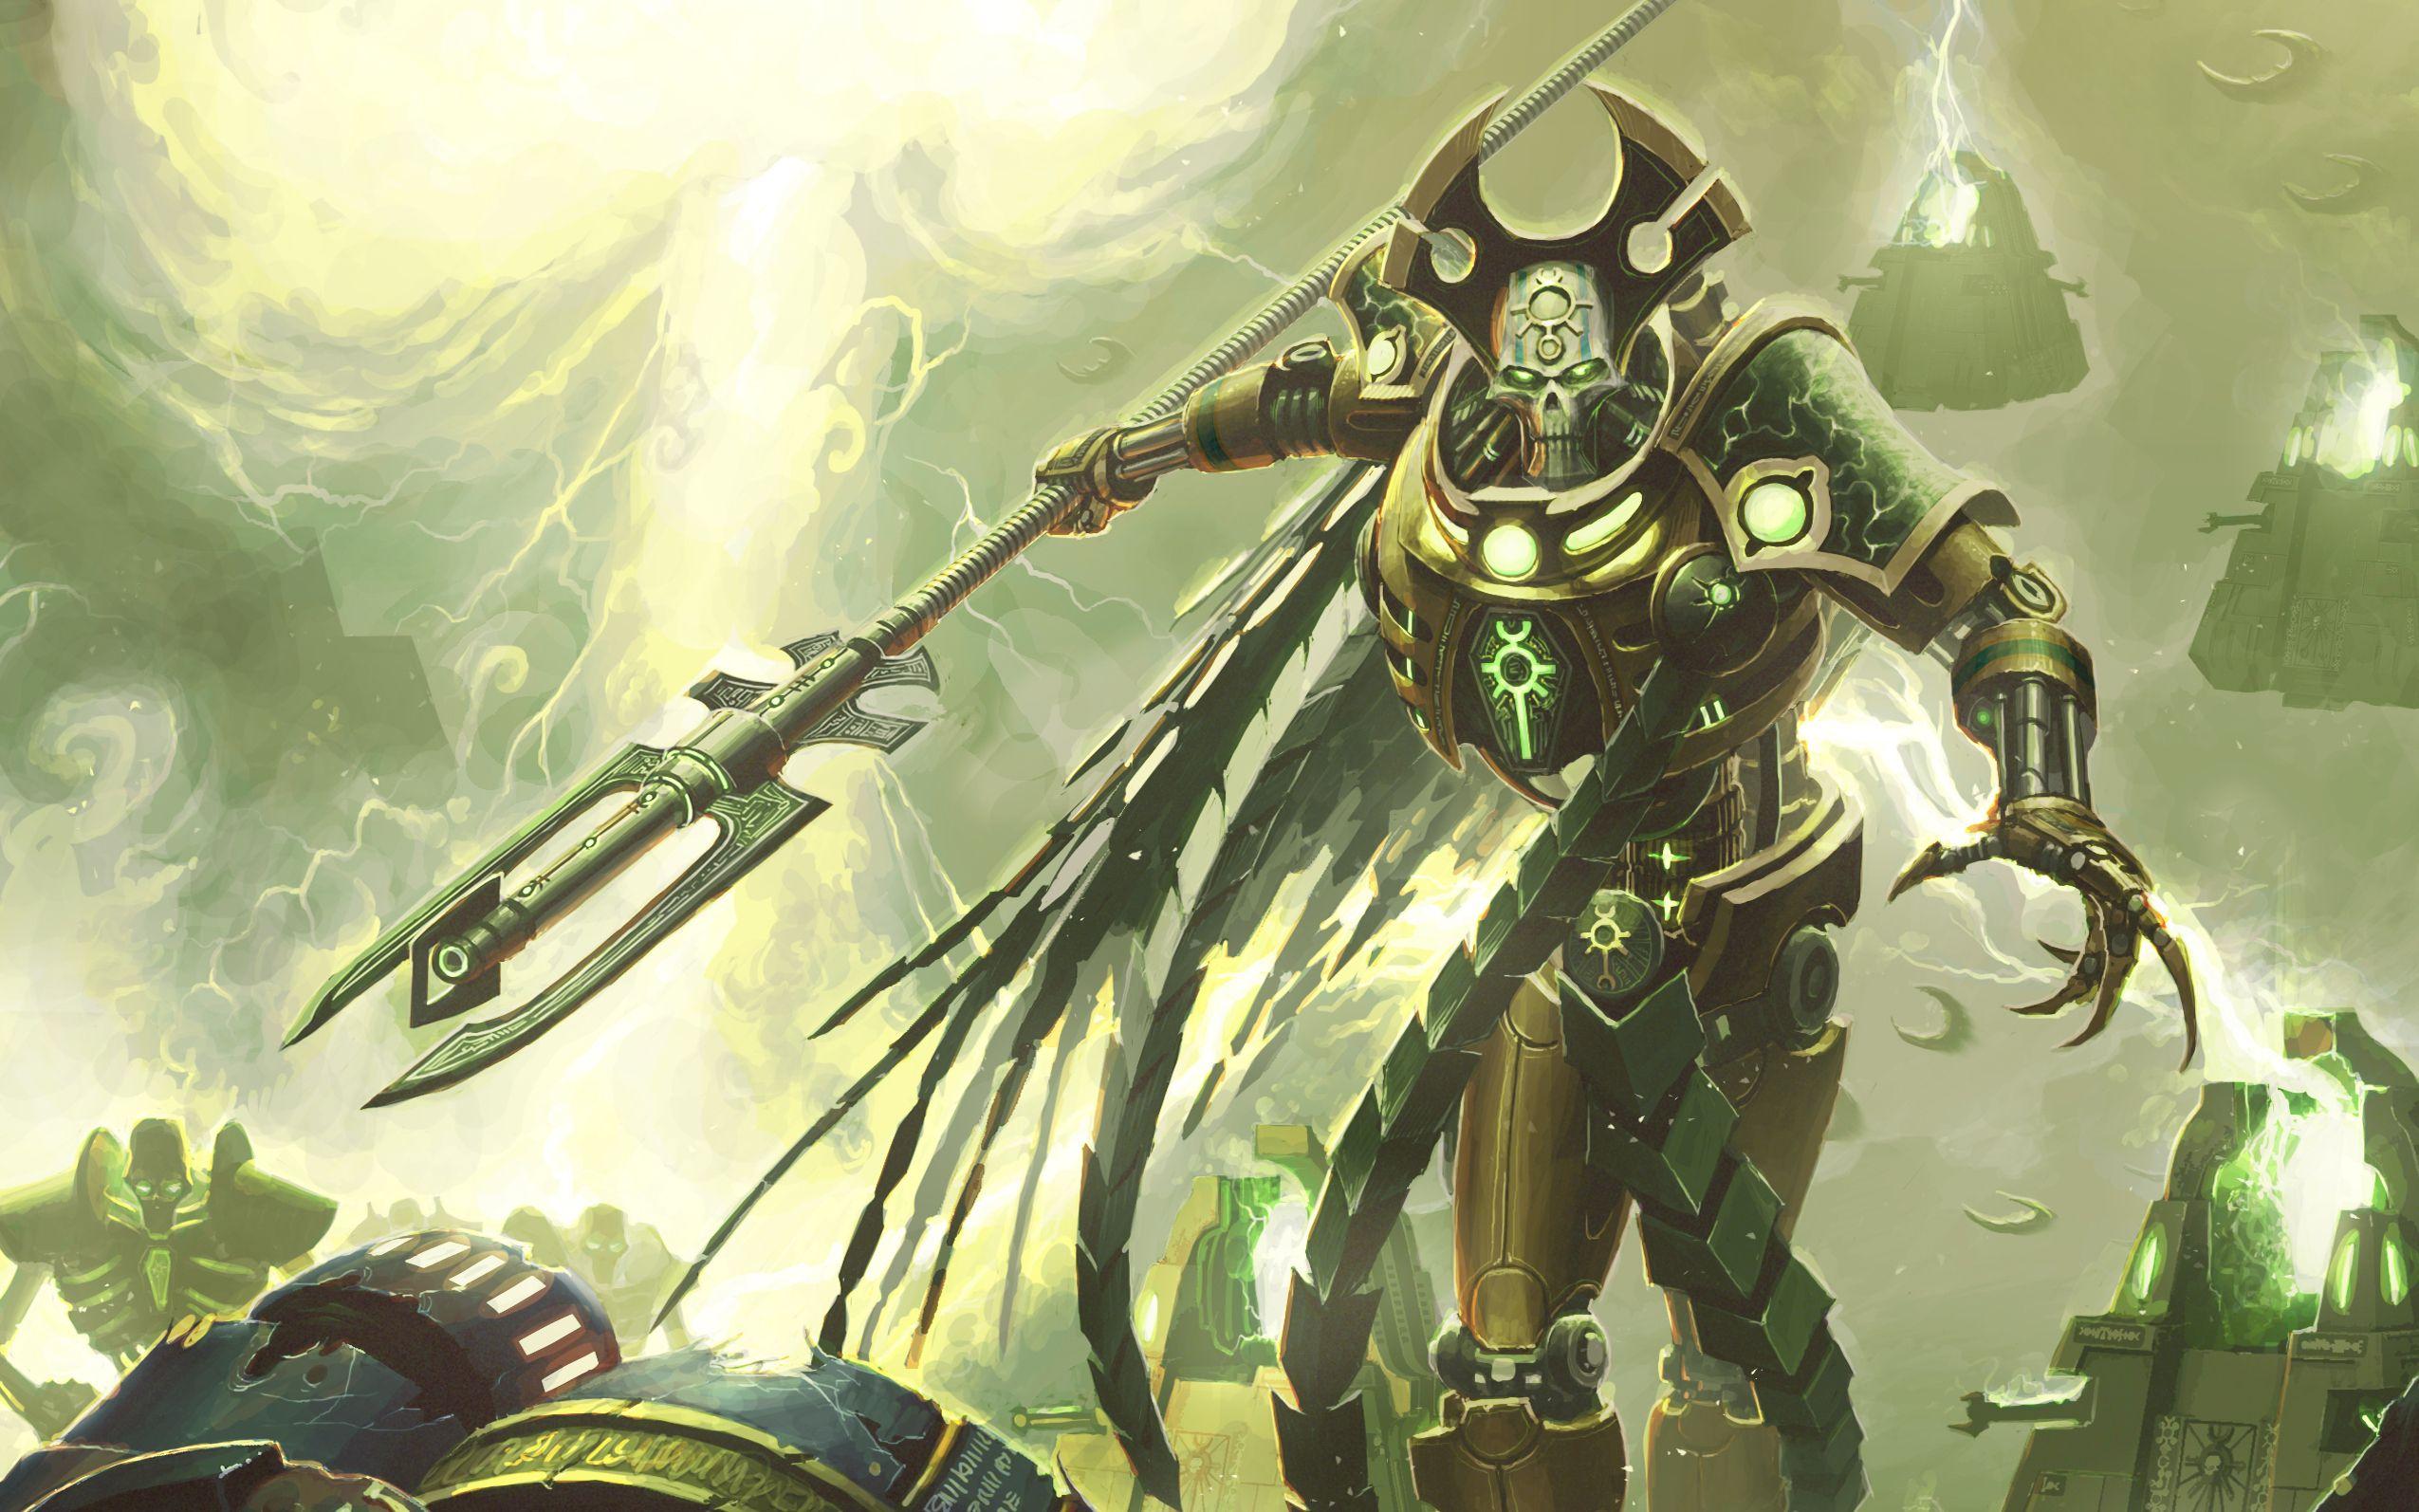 Necron Lord Hd Warhammer Warhammer 40k Necrons Warhammer 40k